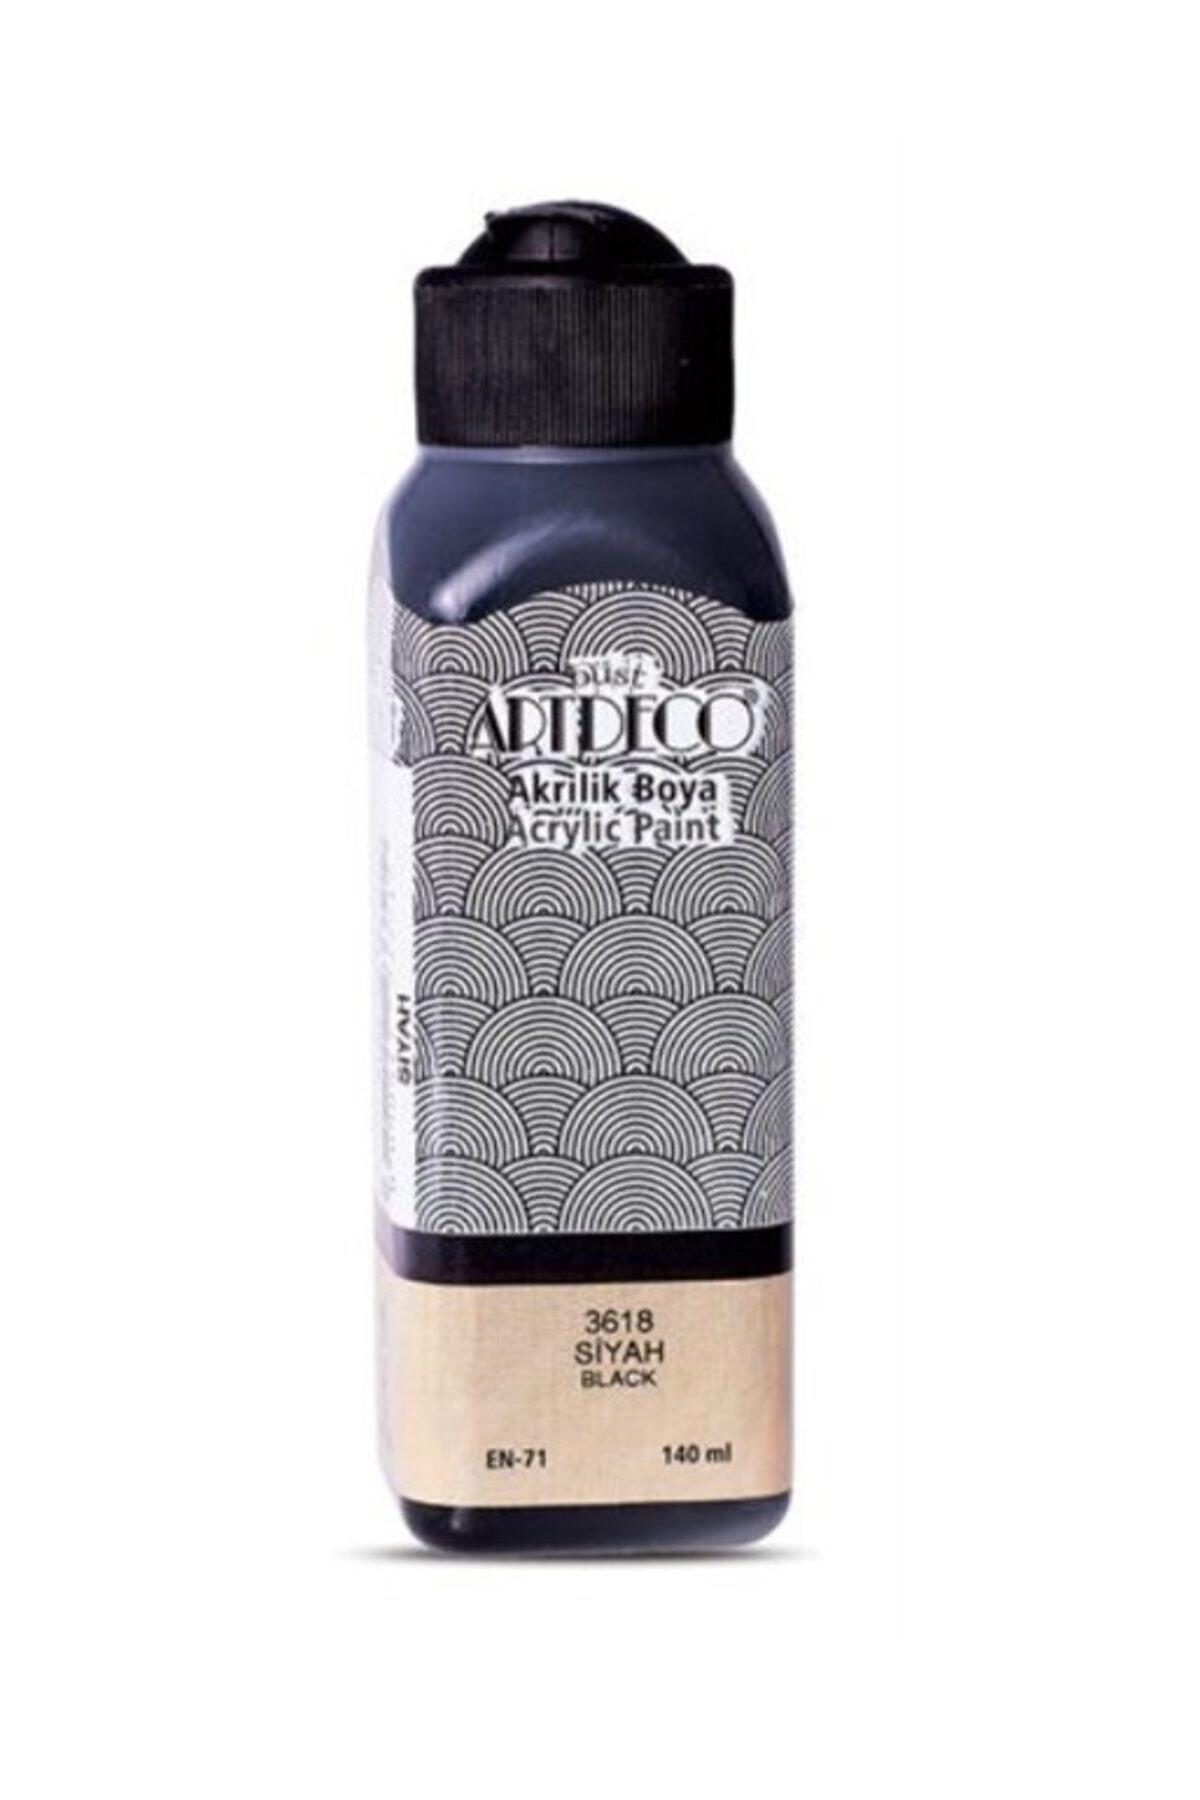 Artdeco Akrilik Boya 140 ml. Siyah 70r-3618 1